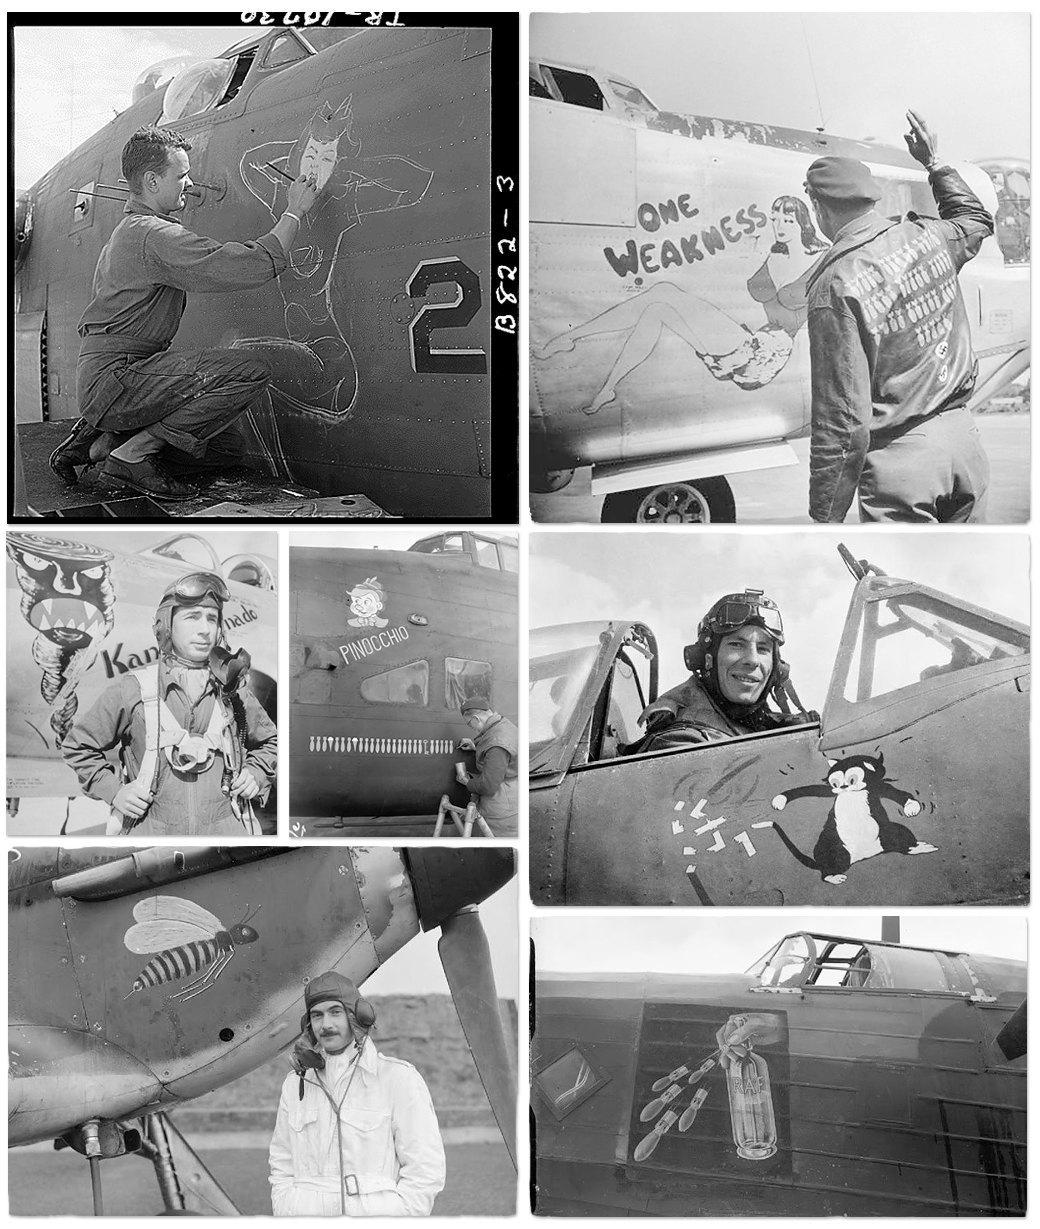 Рисунки на самолетах времен Второй мировой войны. Изображение № 4.